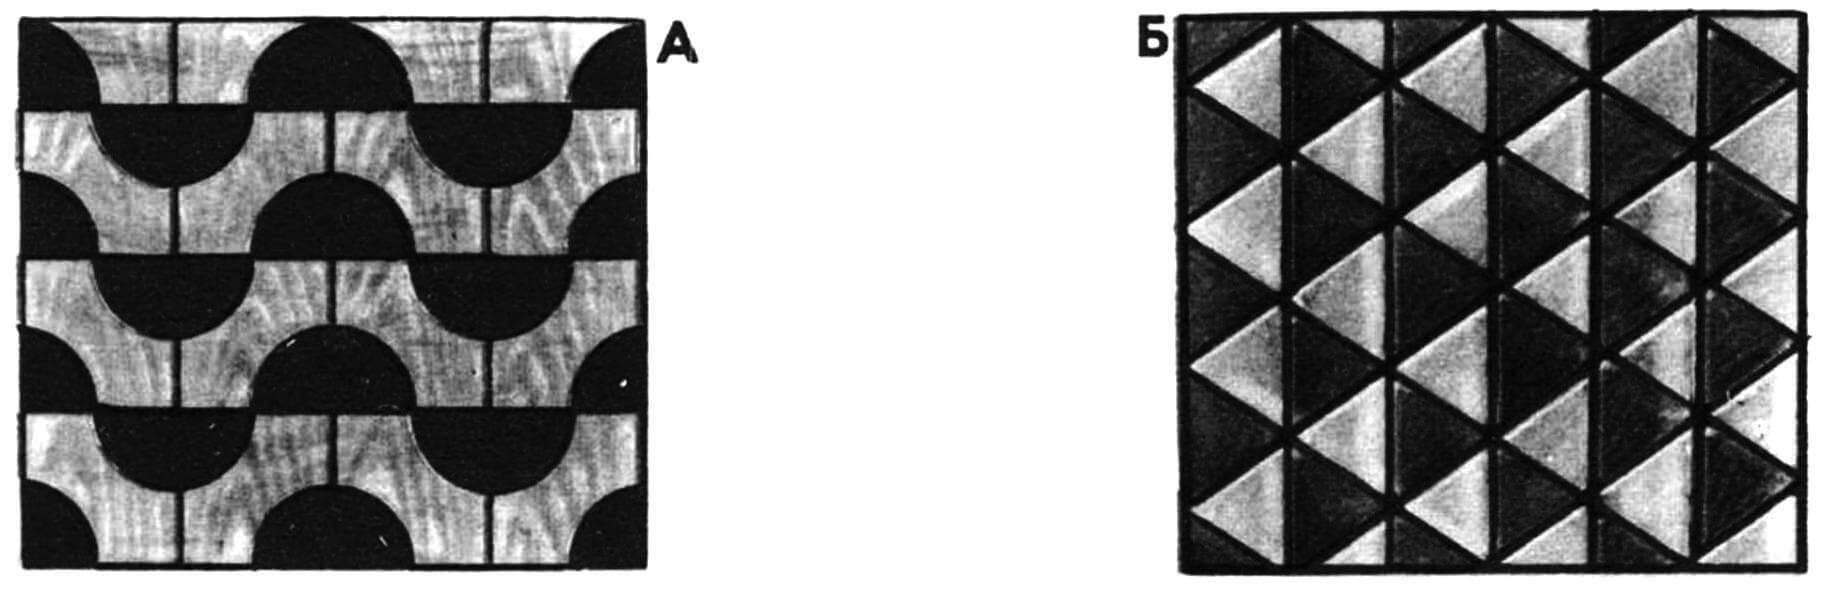 Облицовка стен из фанерных заготовок: А — деталь «стрелка» и получаемый с ее помощью узор «волна»; Б — эффект рельефных ромбов создают окрашенные морилкой и неокрашенные треугольники.